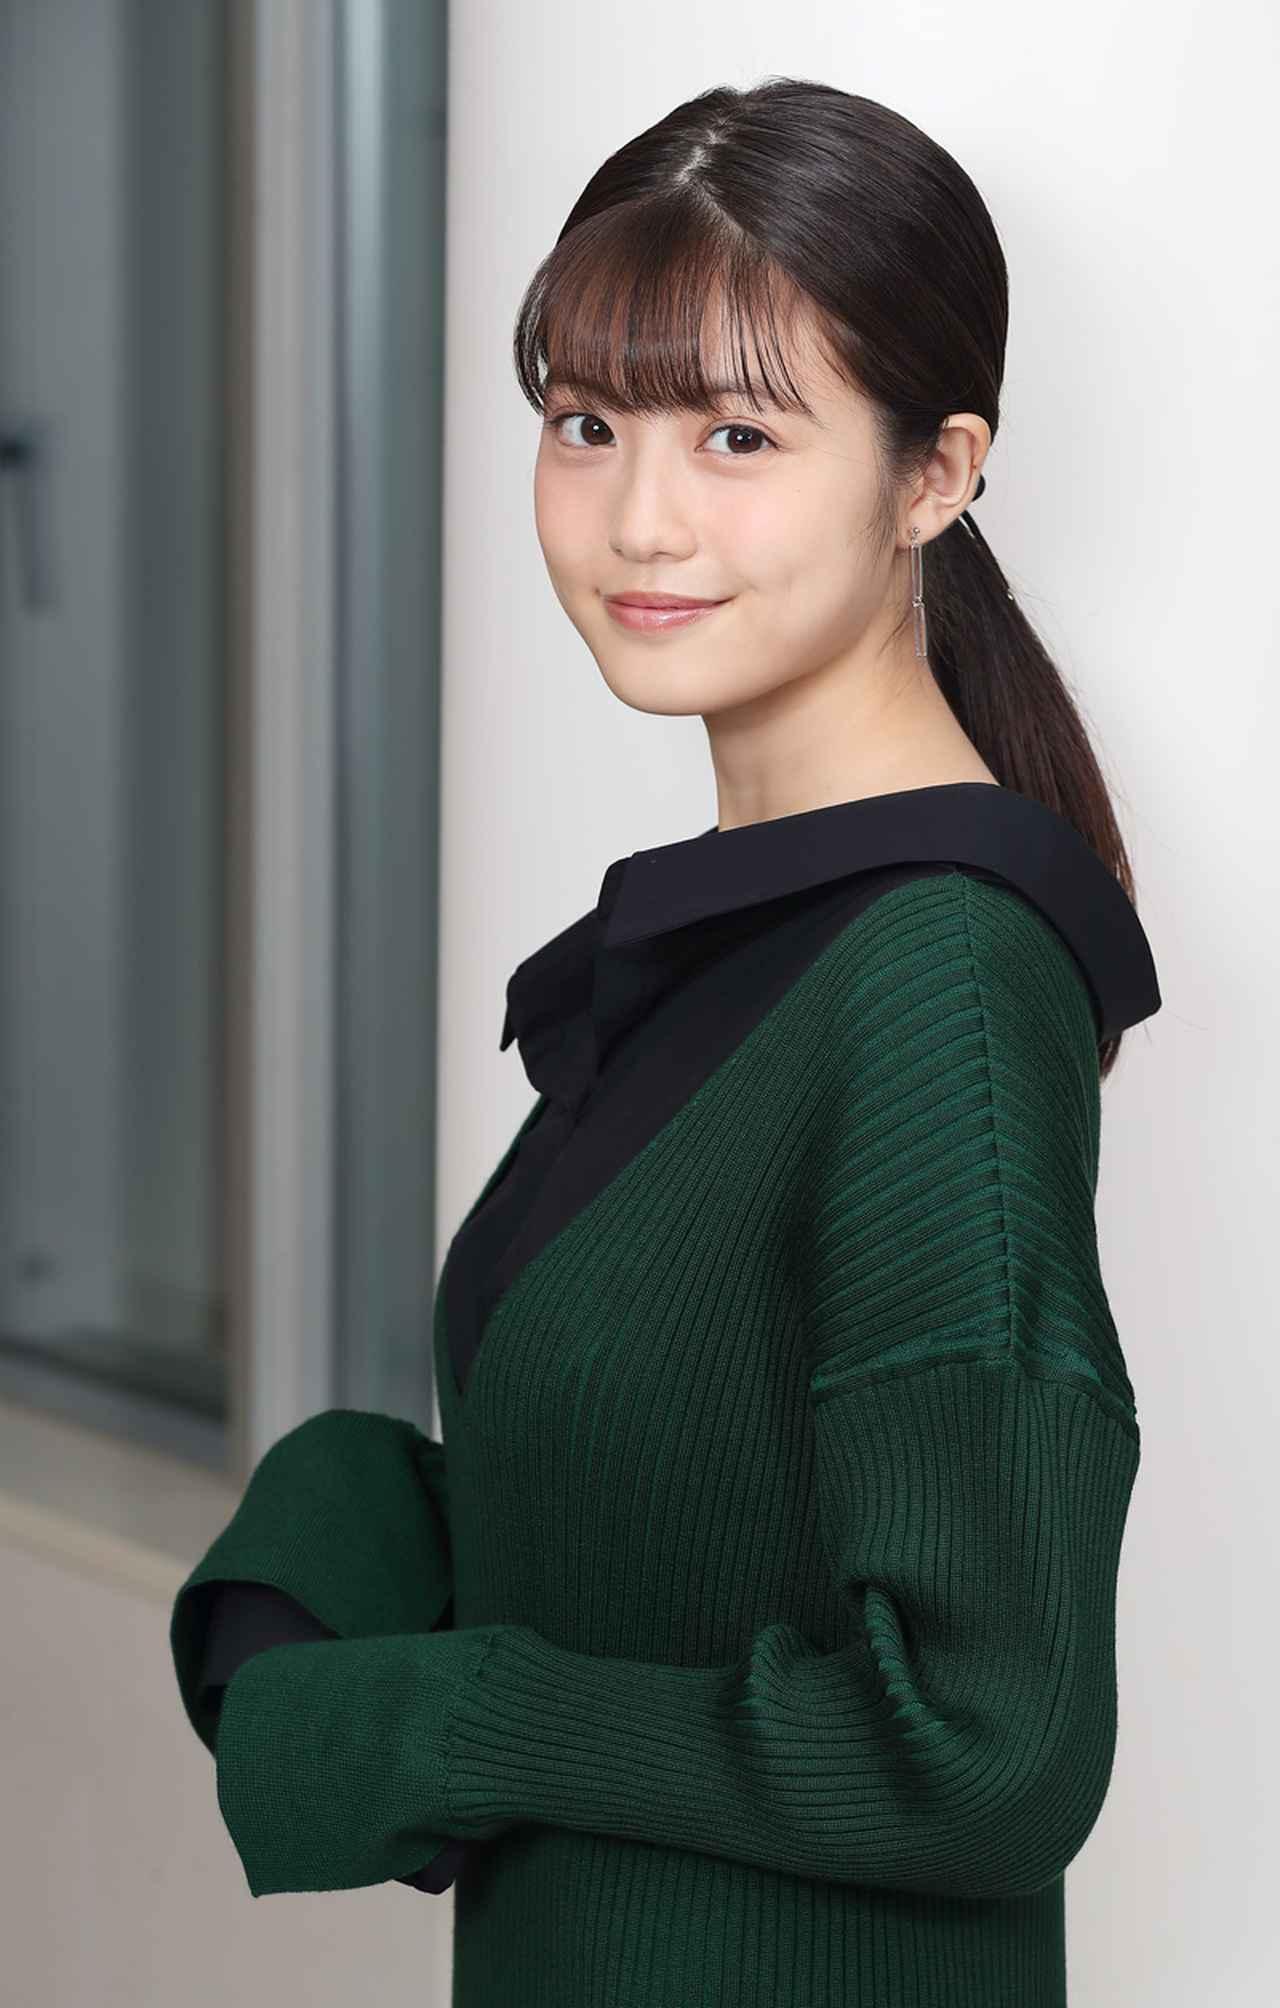 画像: 今田美桜/話題の月9ドラマ『SUITS/スーツ』で、しっかりものの妹を熱演。8話(11/26放送)では「三角関係を動かす展開に注目してください!」